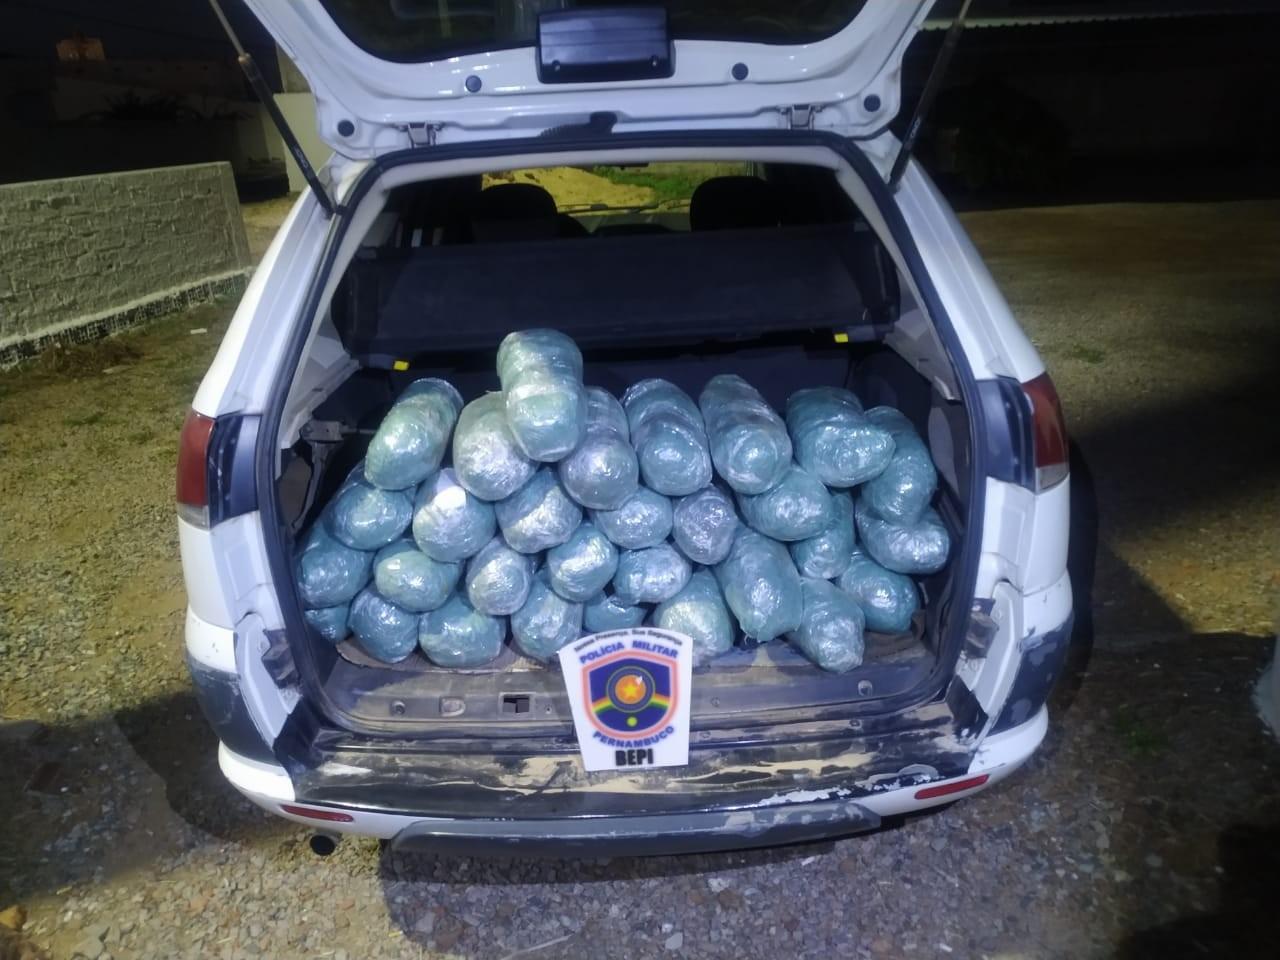 Suspeito de tráfico é preso com 30 kg de maconha dentro de carro em Serra Talhada